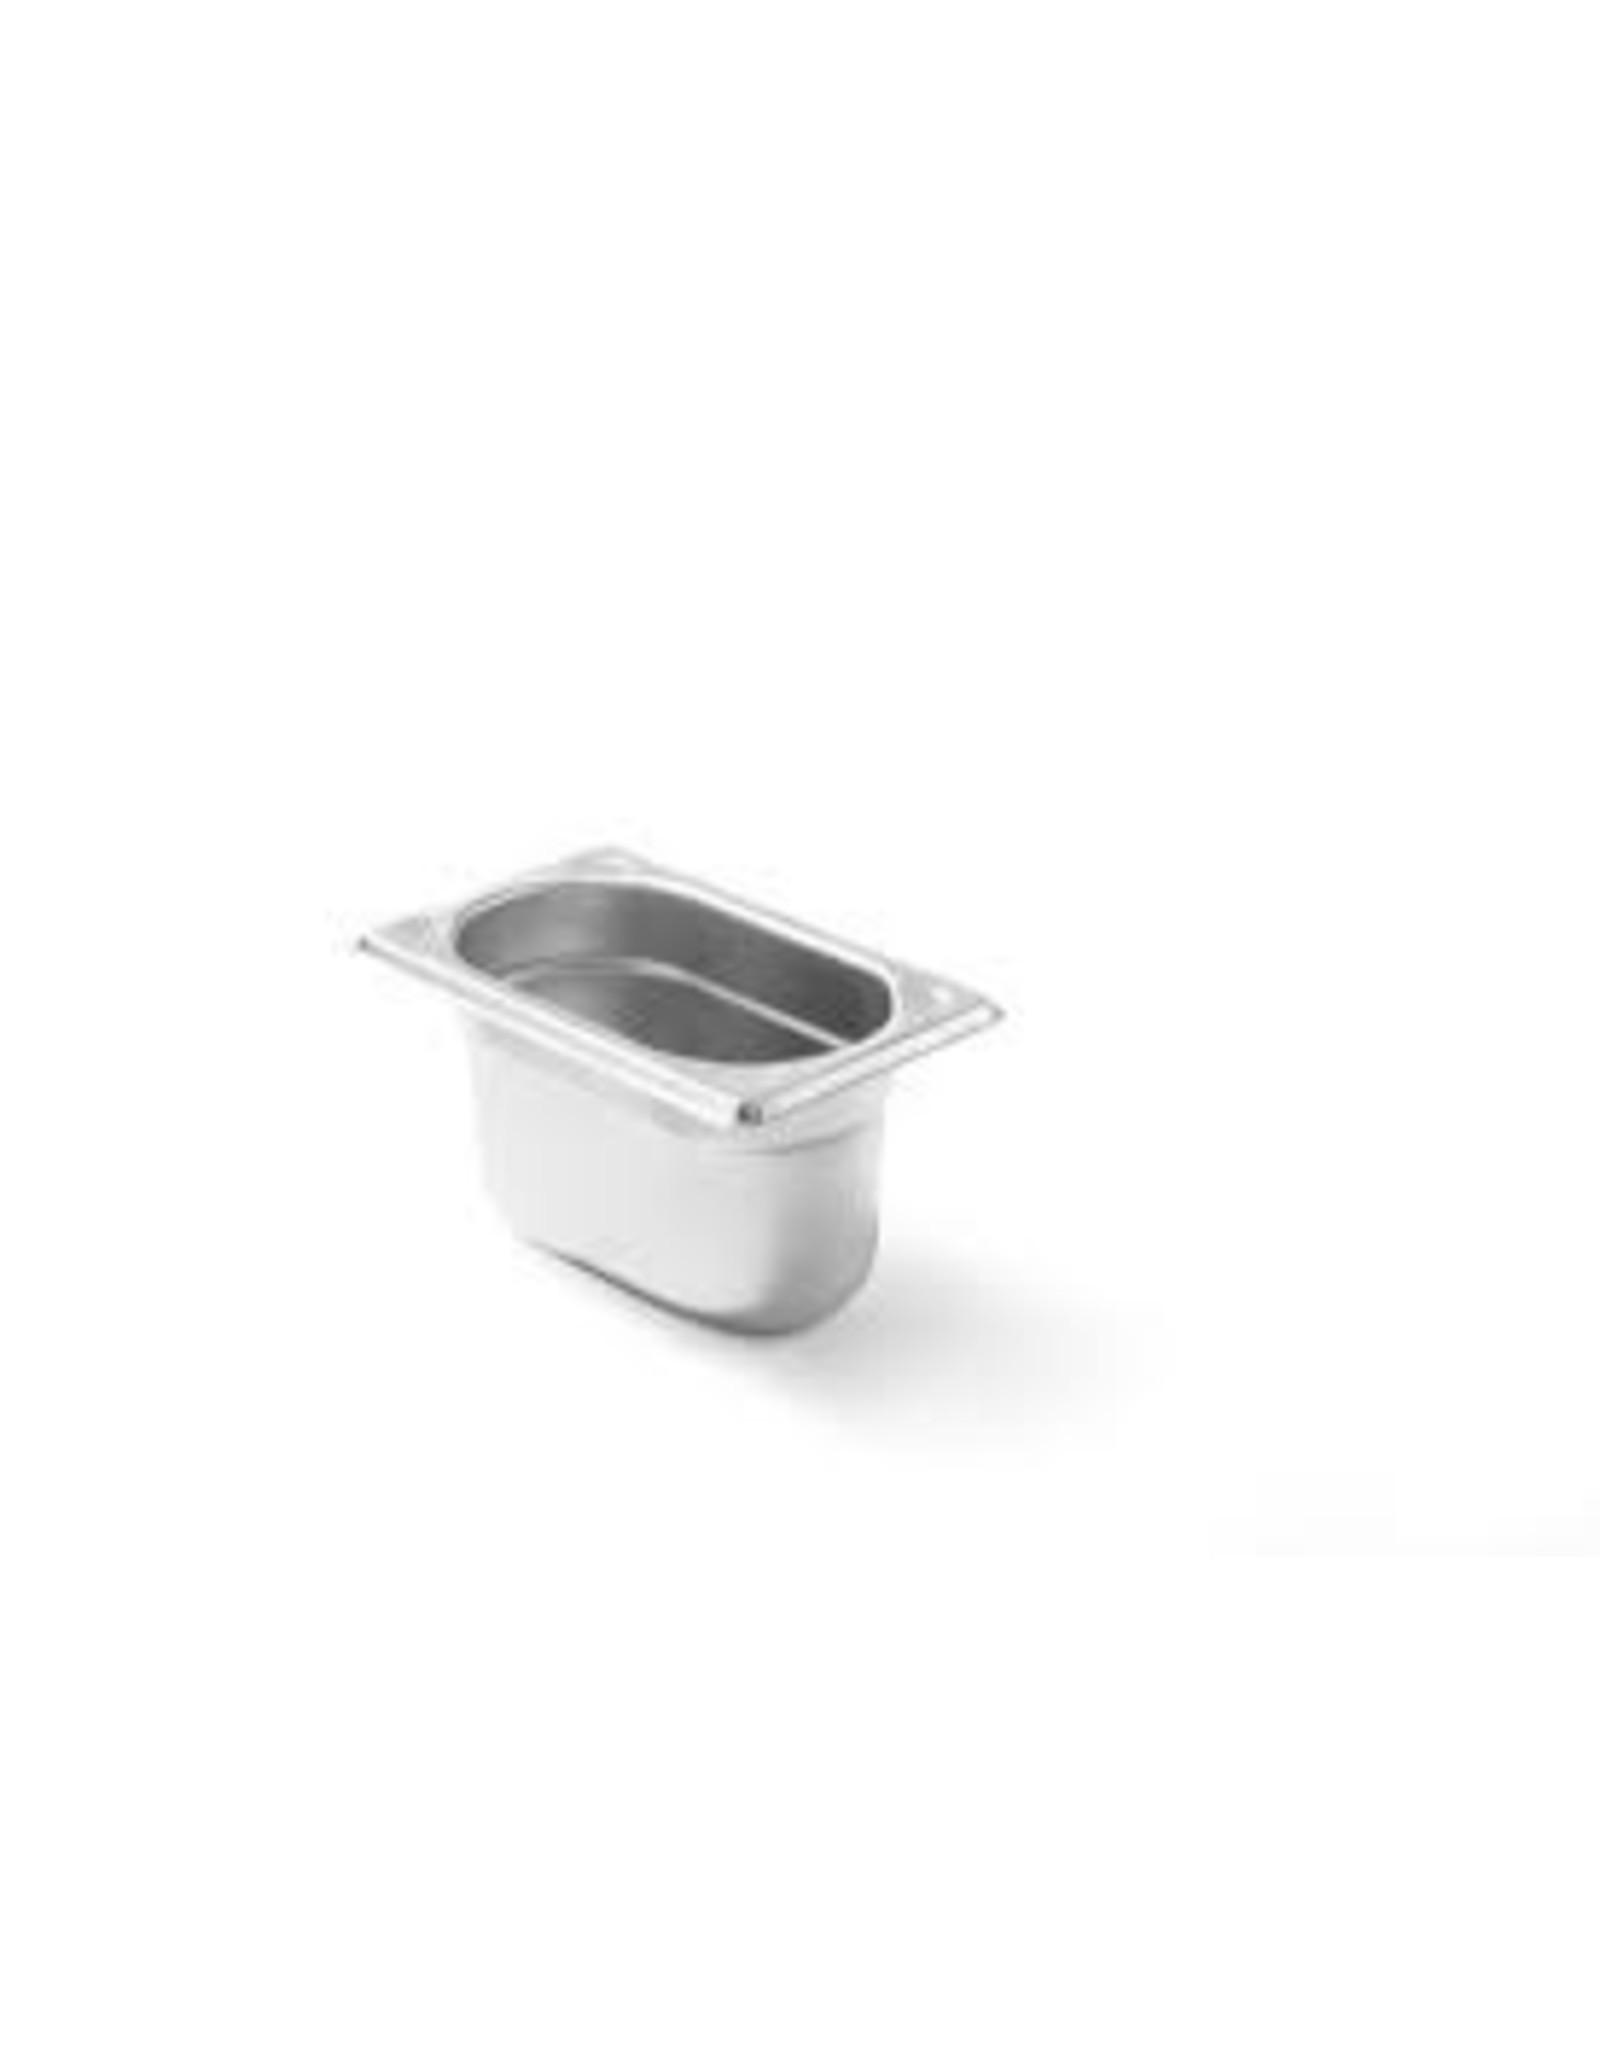 Q-Gastro Gastronormbehälter Edelstahl 1/9 GN   100mm   176 x 108 mm